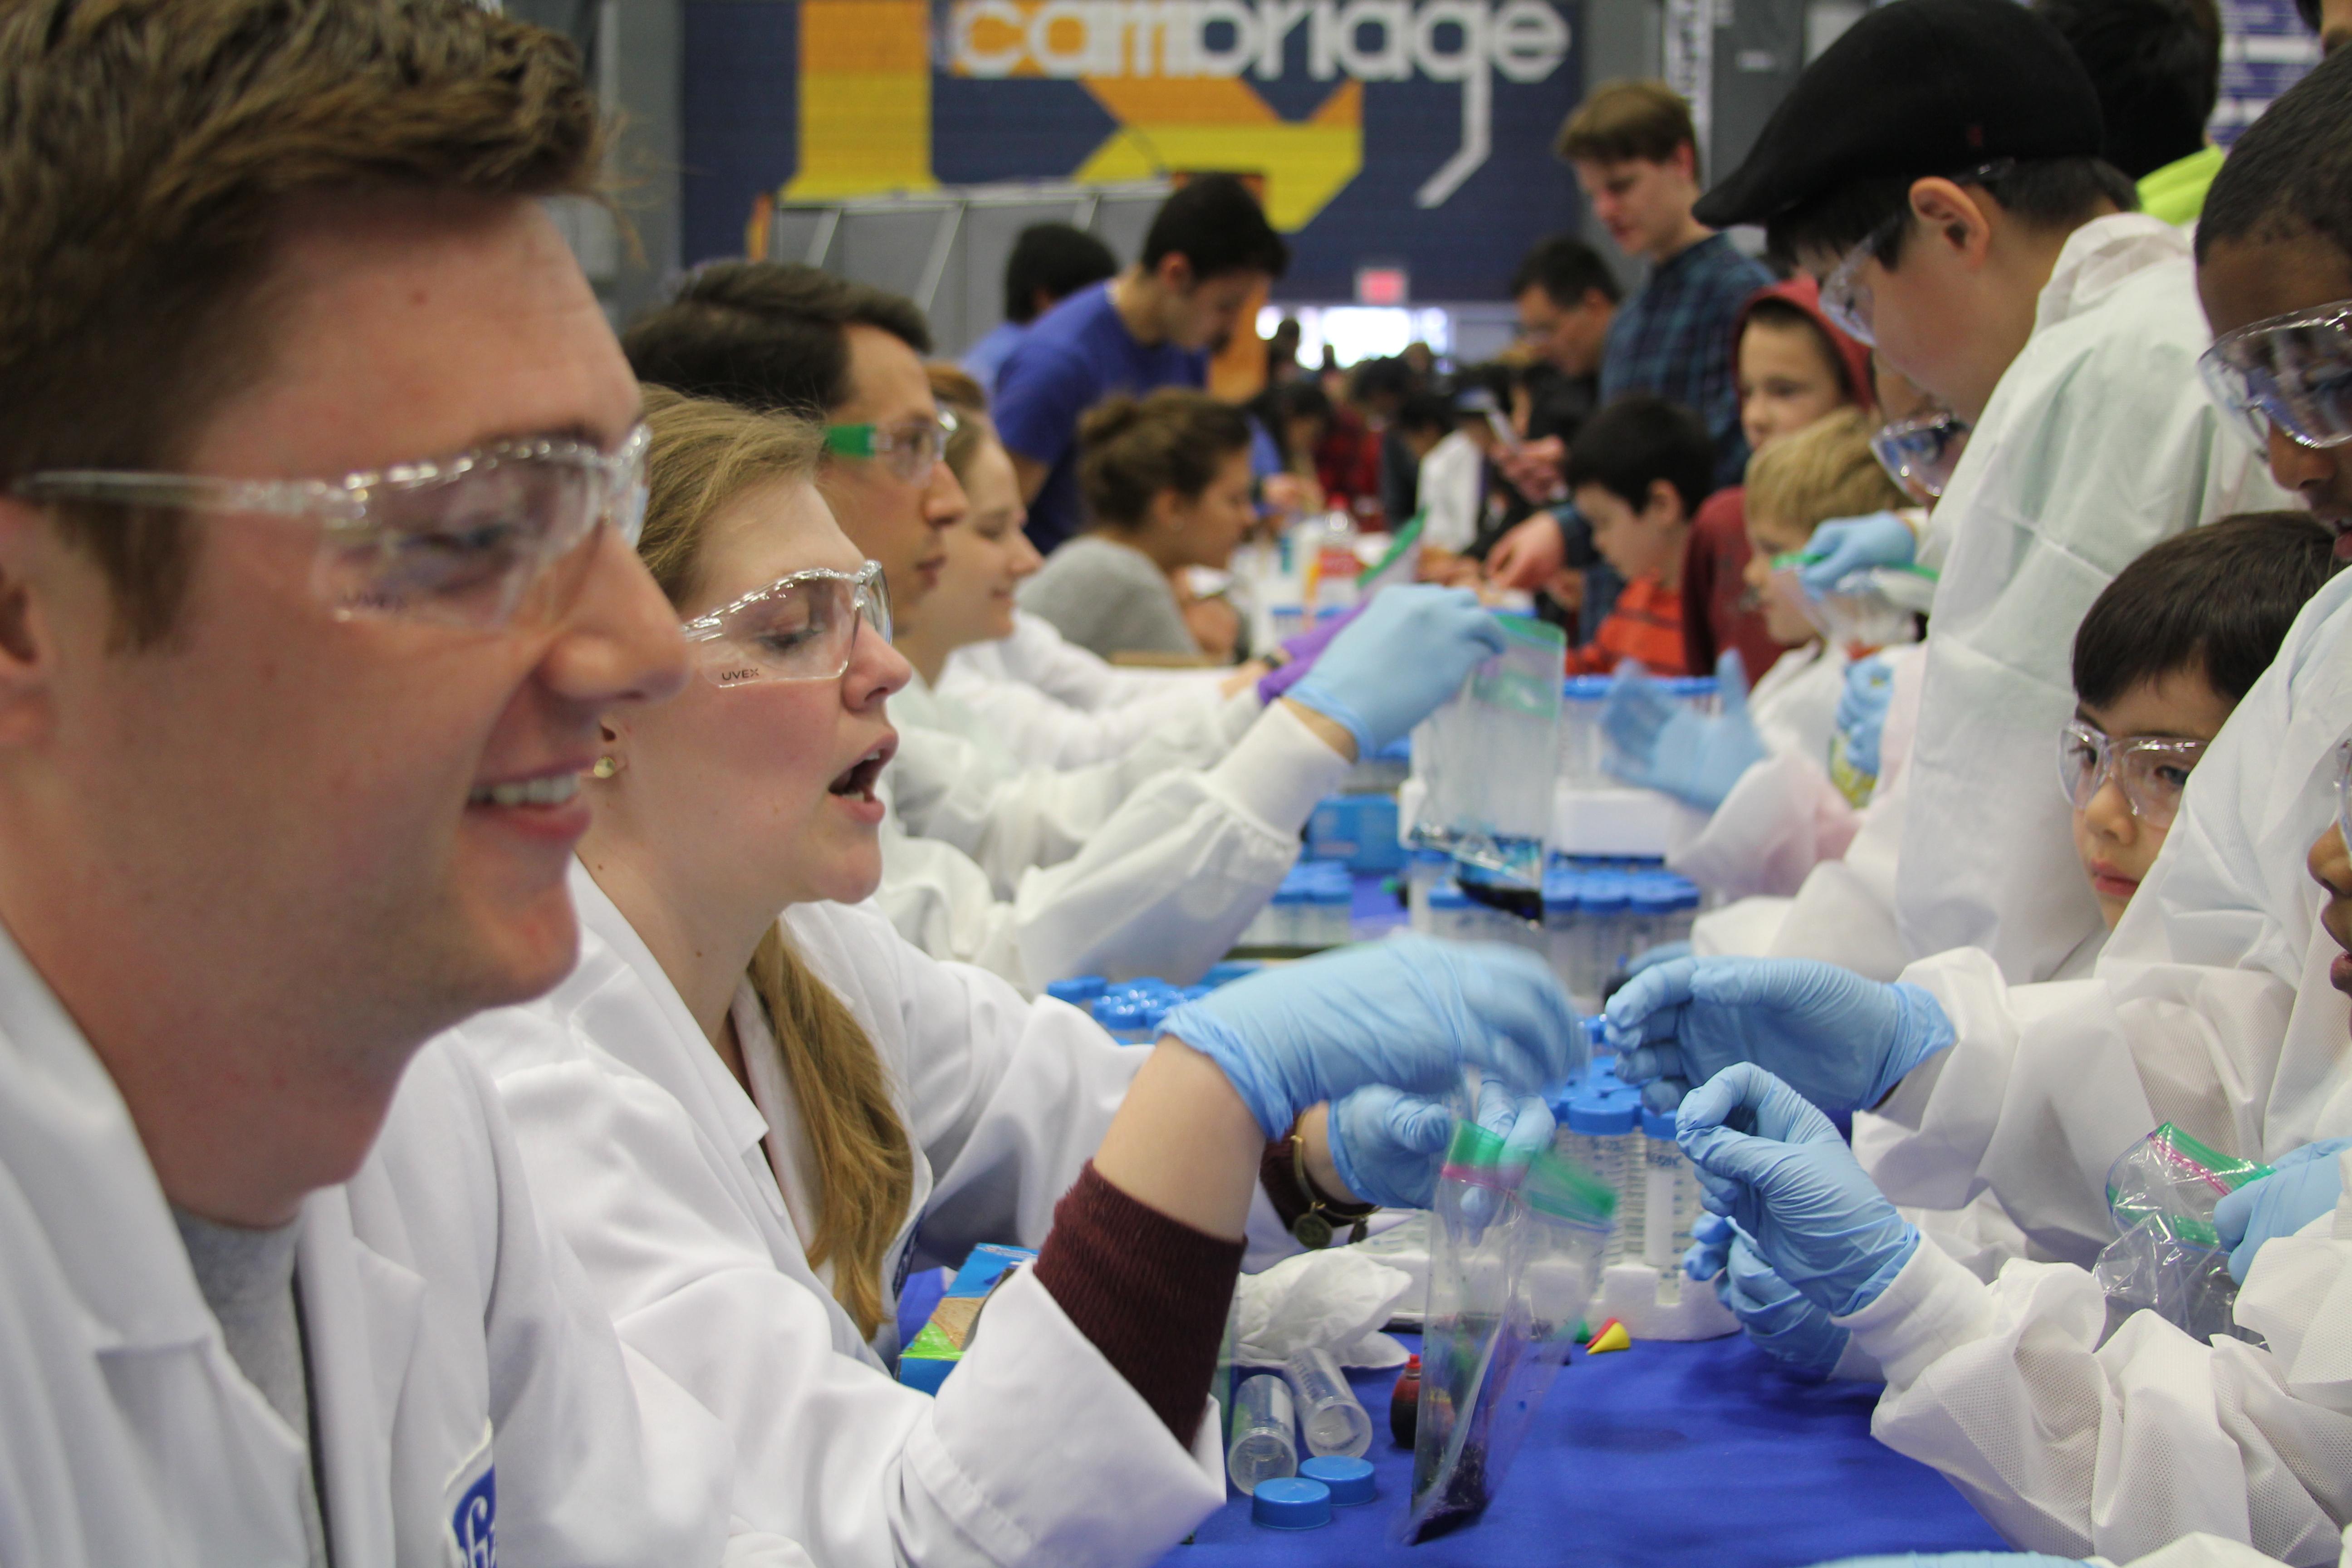 Photo courtesy of Cambridge Science Festival